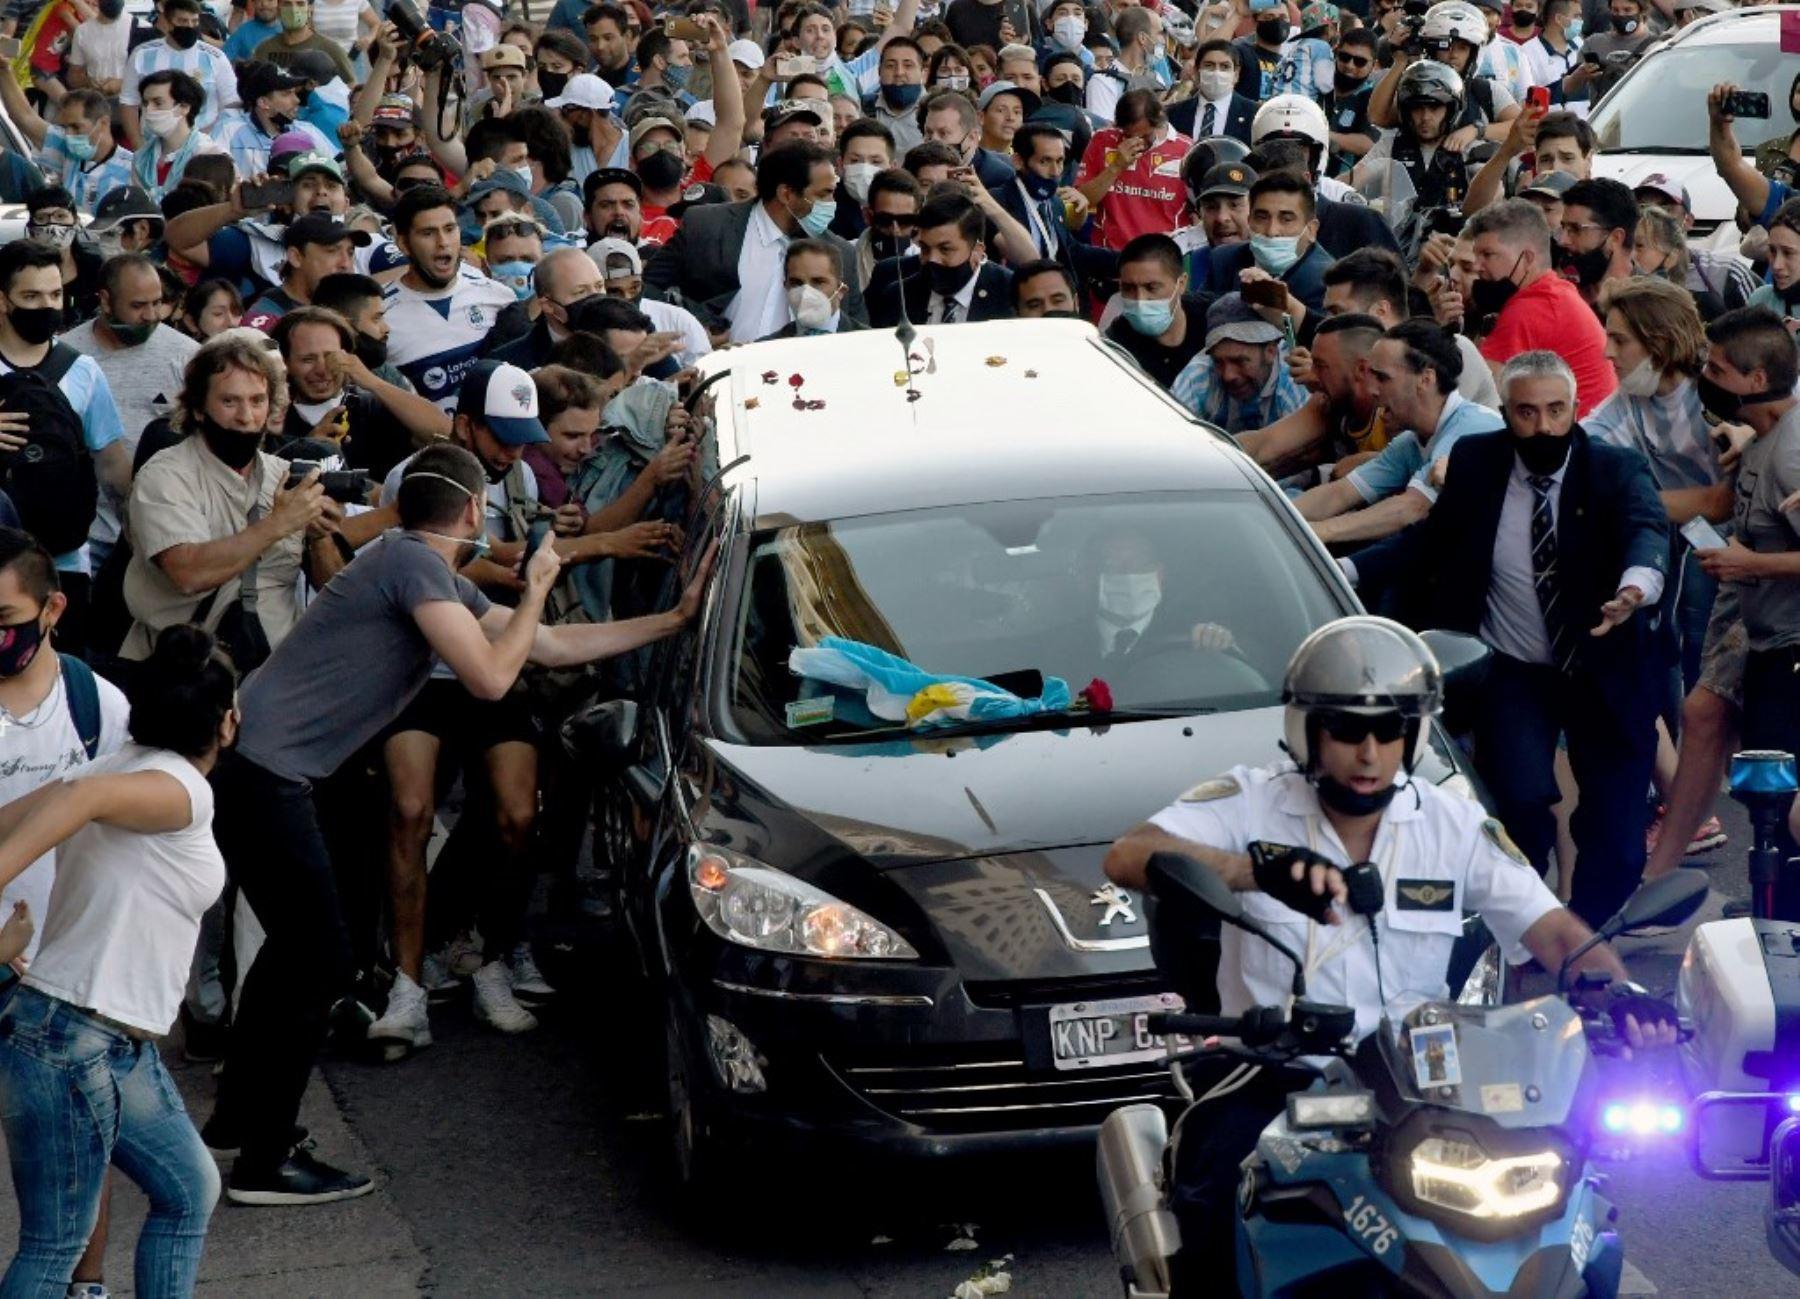 Fanáticos apiñados junto al coche fúnebre que transporta a la leyenda del fútbol argentino Diego Armando Maradona en su camino desde el palacio presidencial de la Casa Rosada al cementerio, en Buenos Aires. Foto: AFP